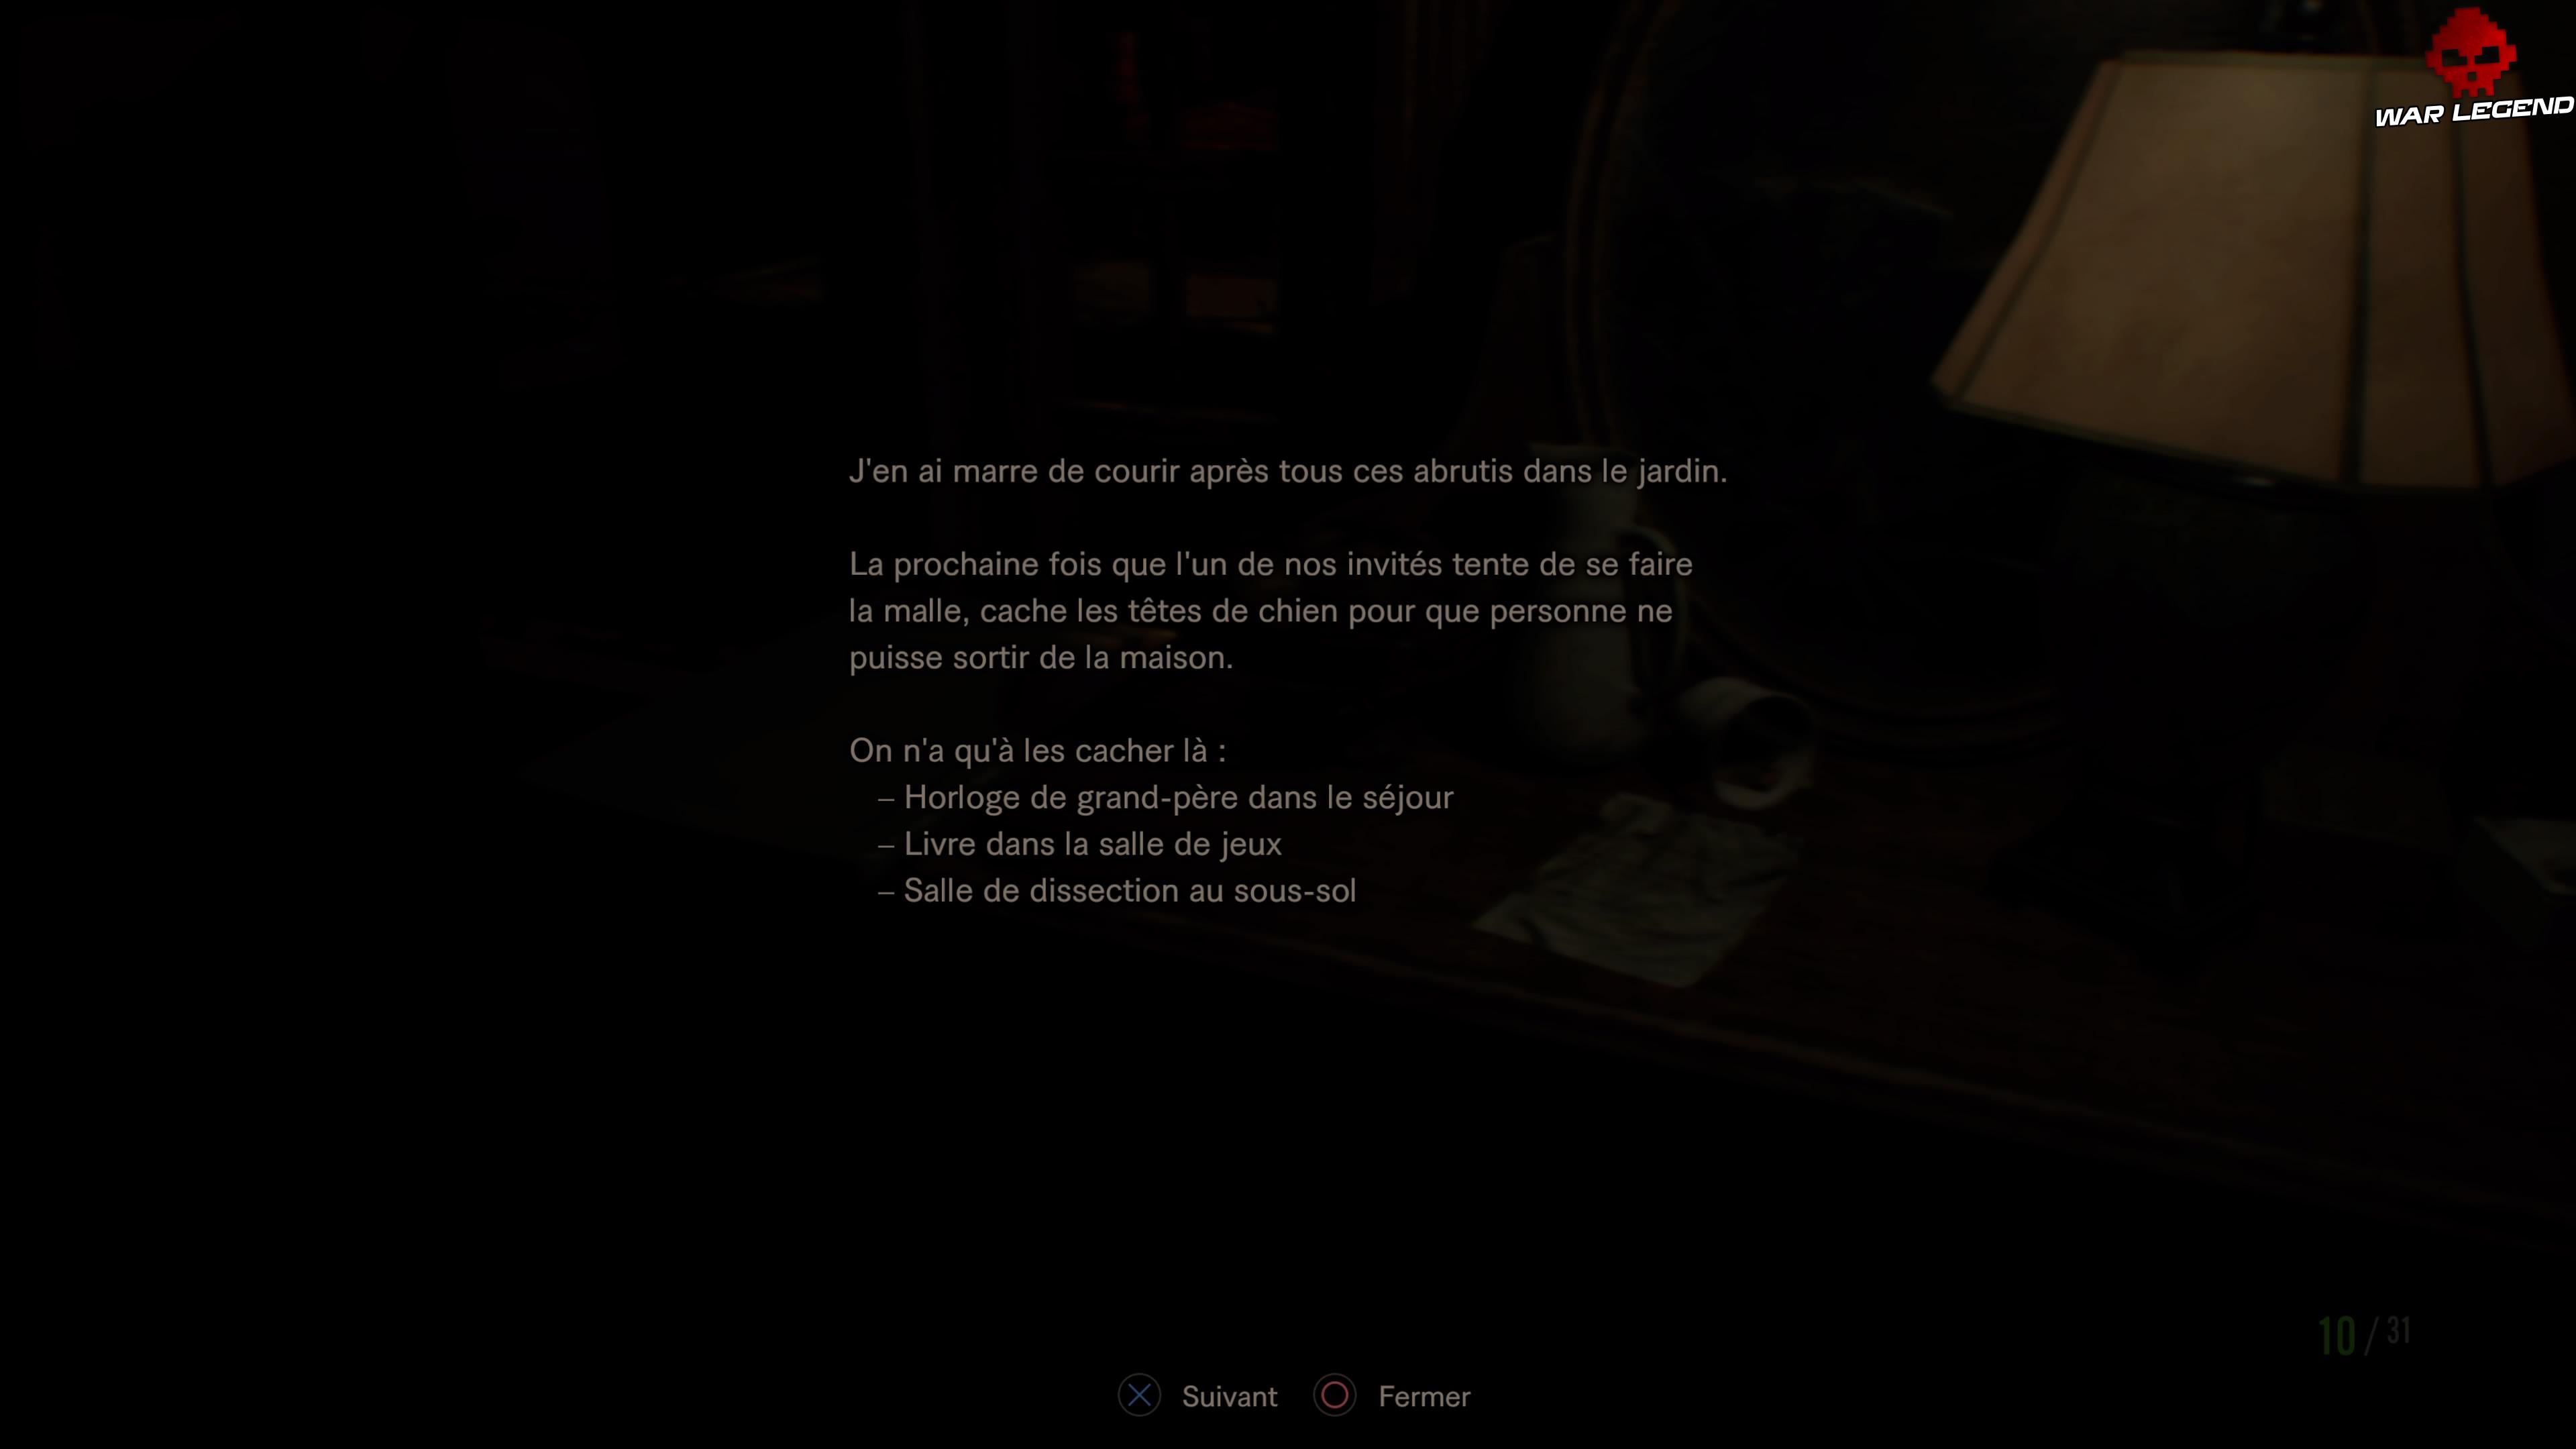 Solution Resident Evil 7 Biohazard - Chapitre 3 note sur les têtes de chien